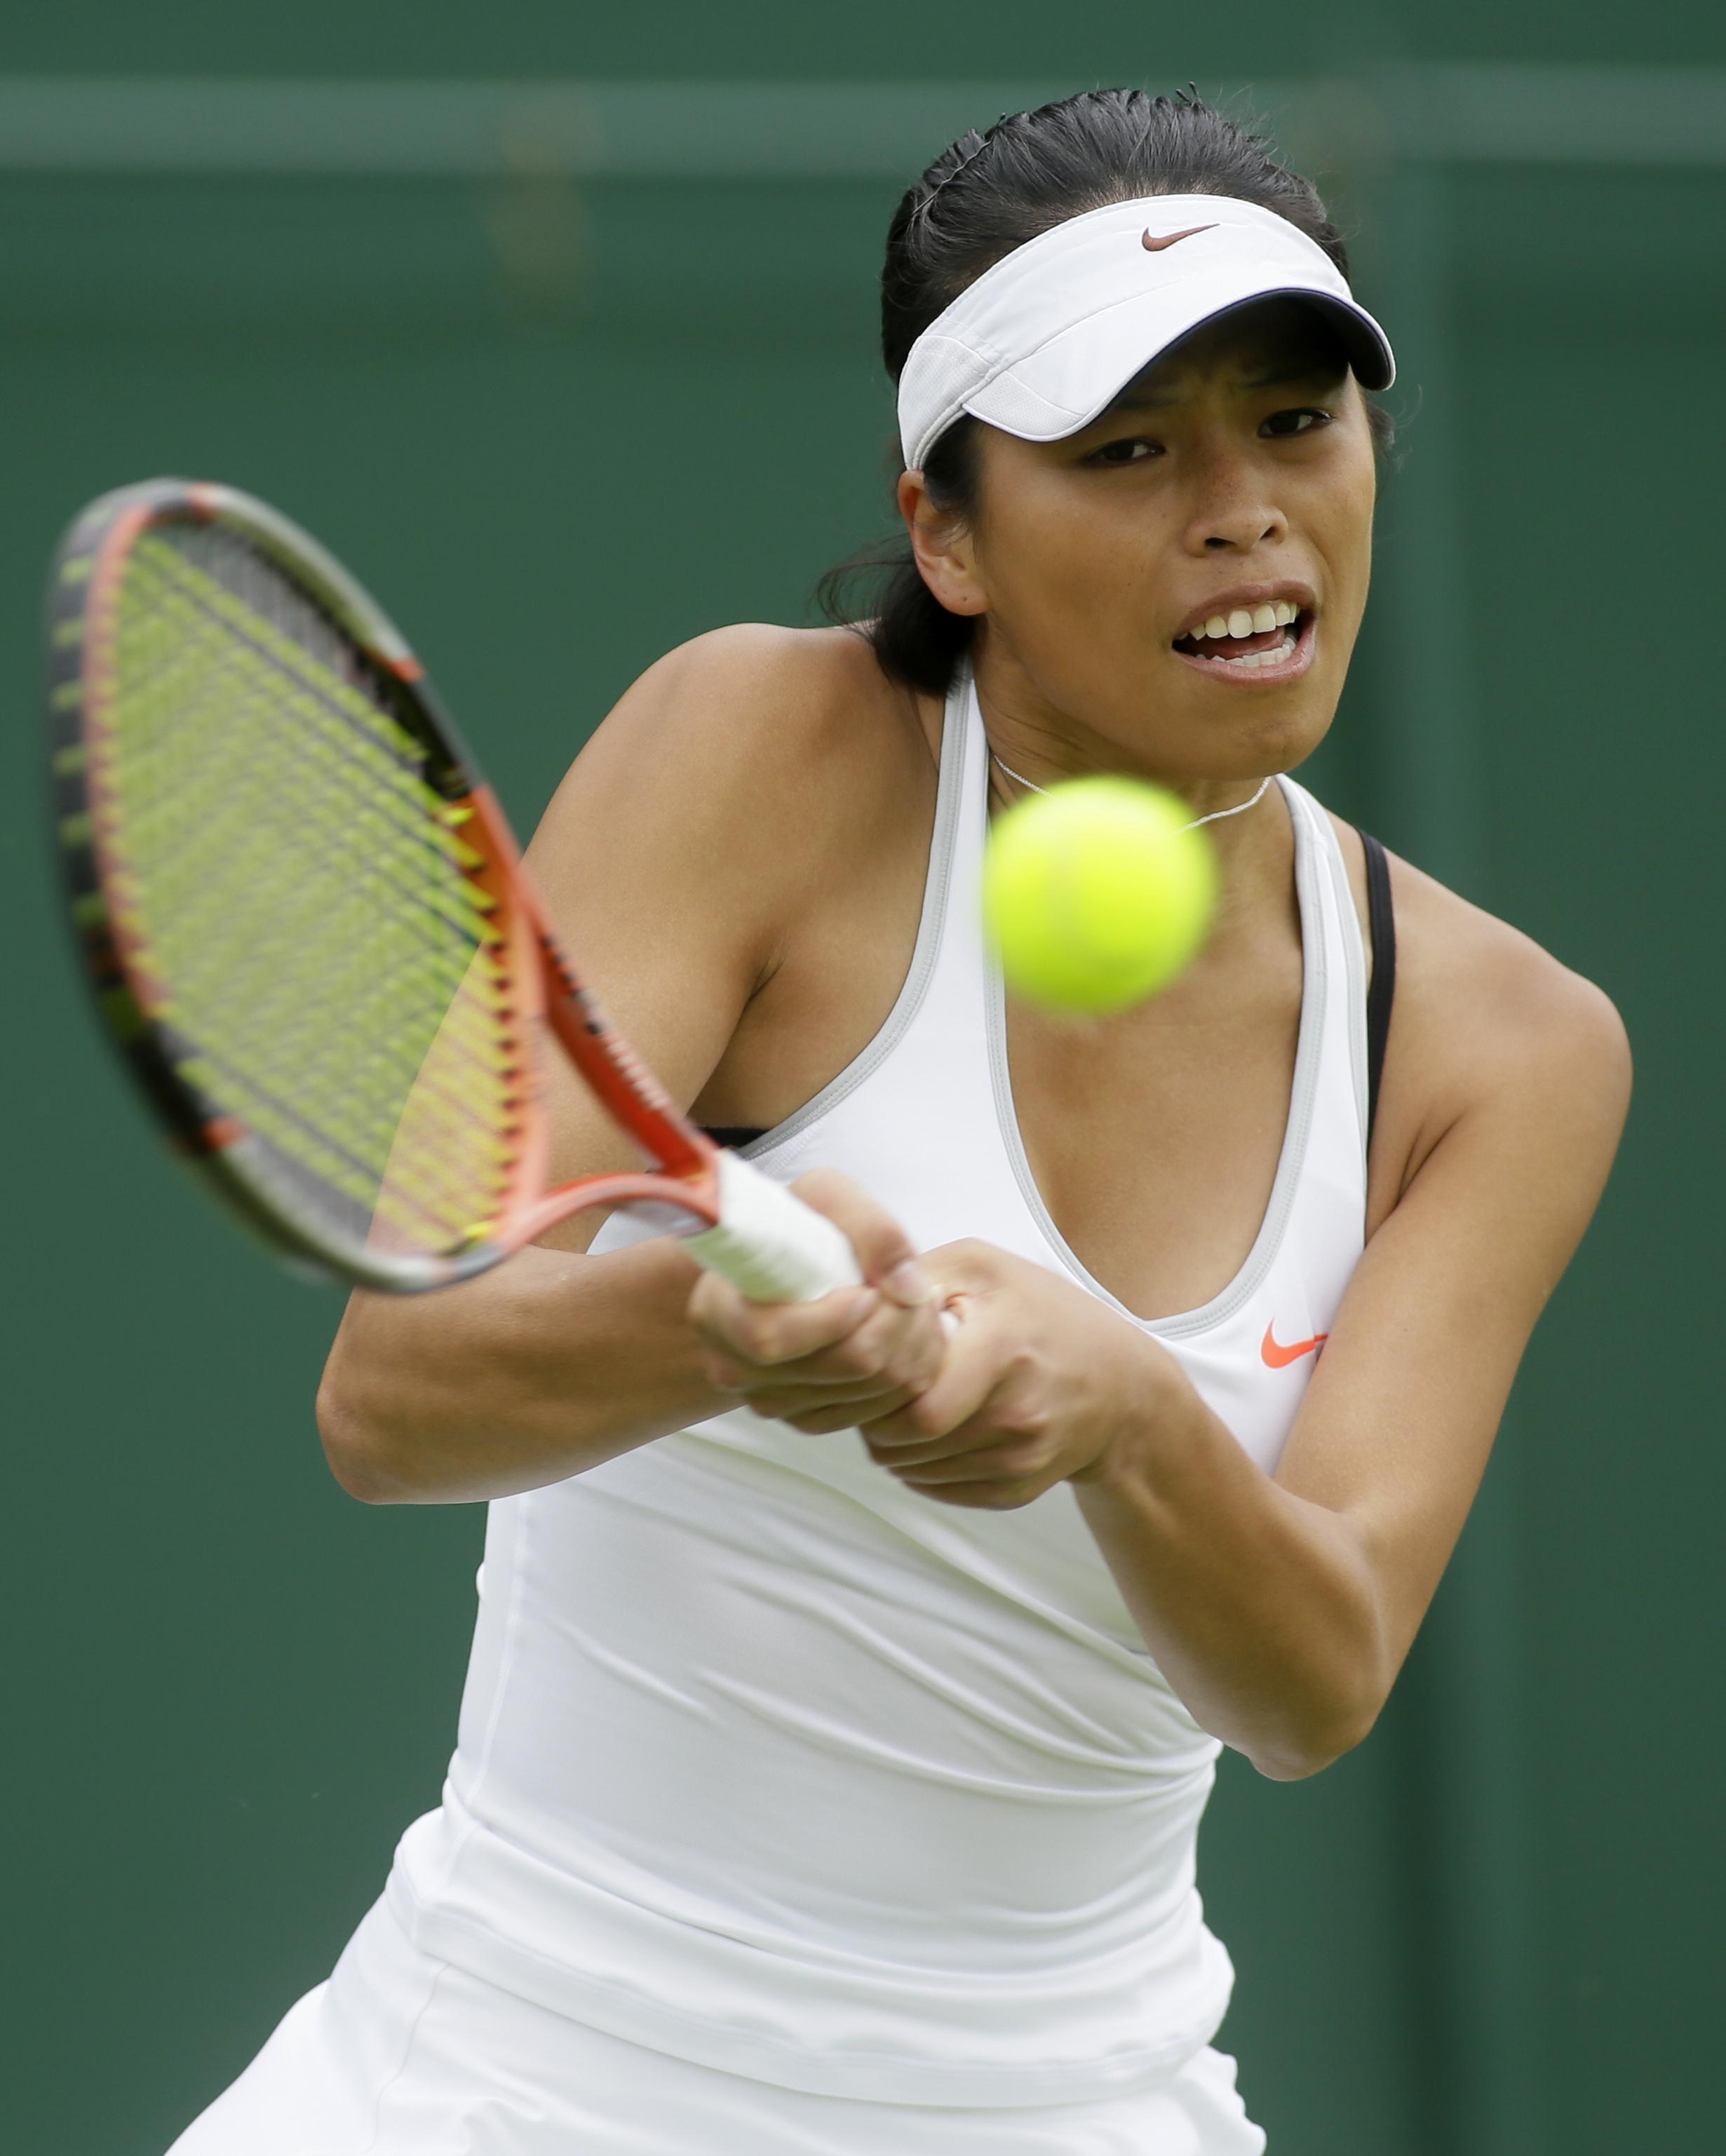 britain_wimbledon_tennis534790070646_r8639.jpg